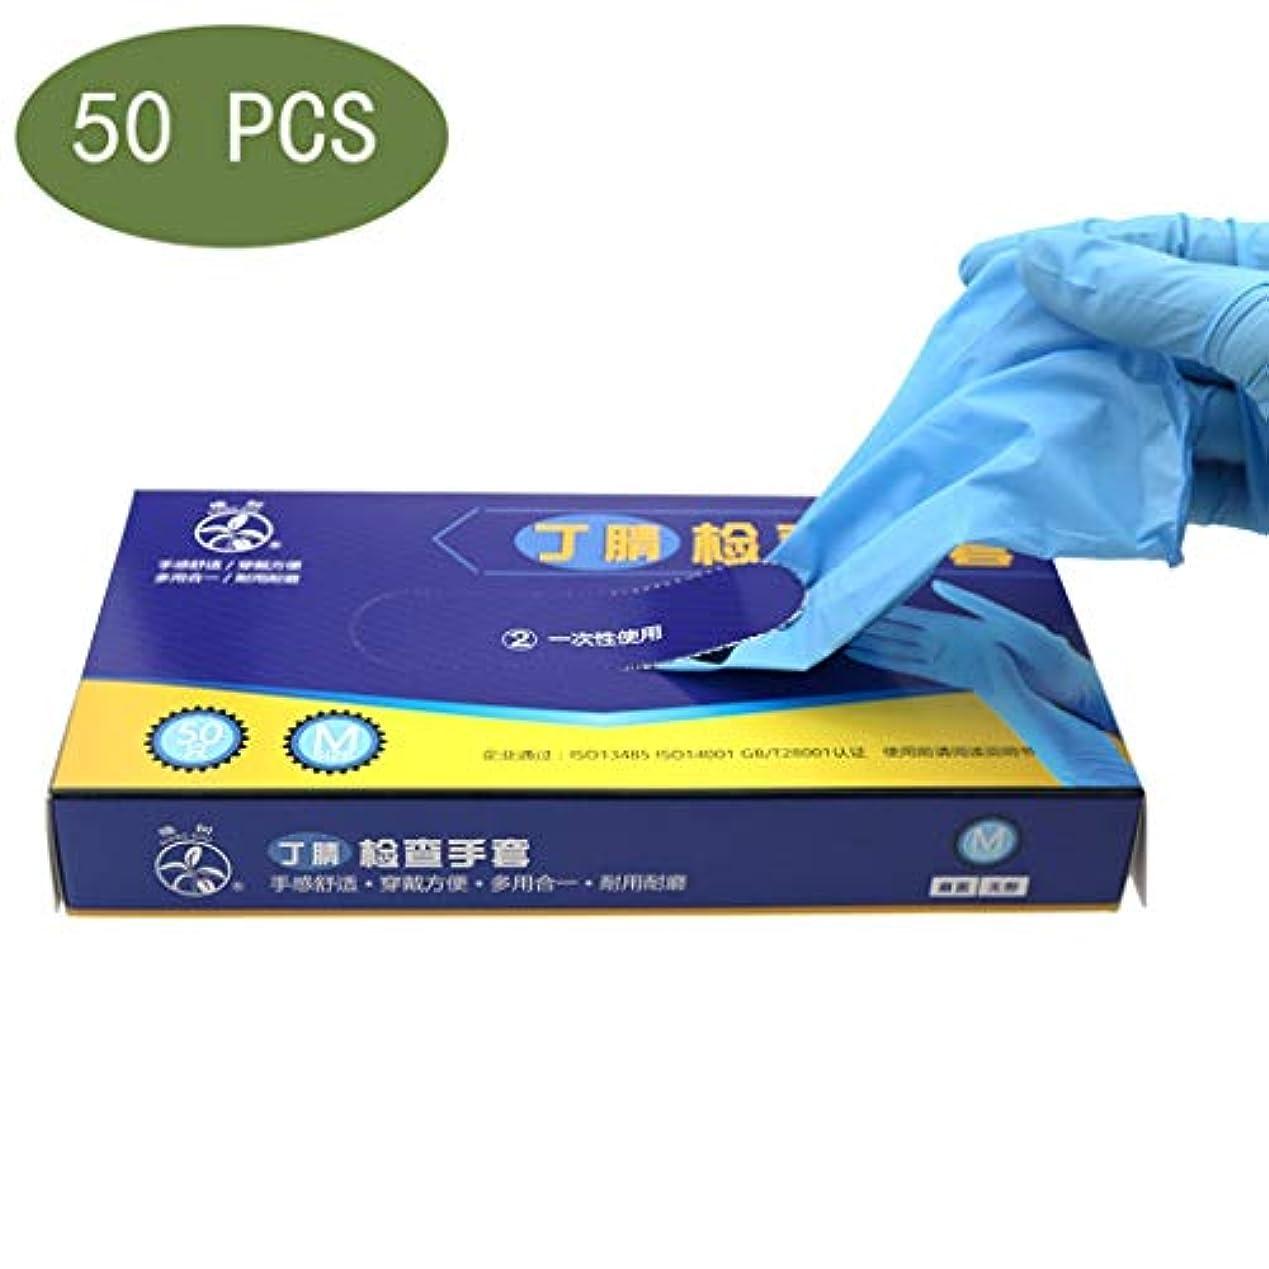 ロケーション発送トレイ保護用使い捨てニトリル医療用手袋、4ミル、ラテックスフリー、試験グレードの手袋、テクスチャード加工、両性、非滅菌、50個入り (Size : S)